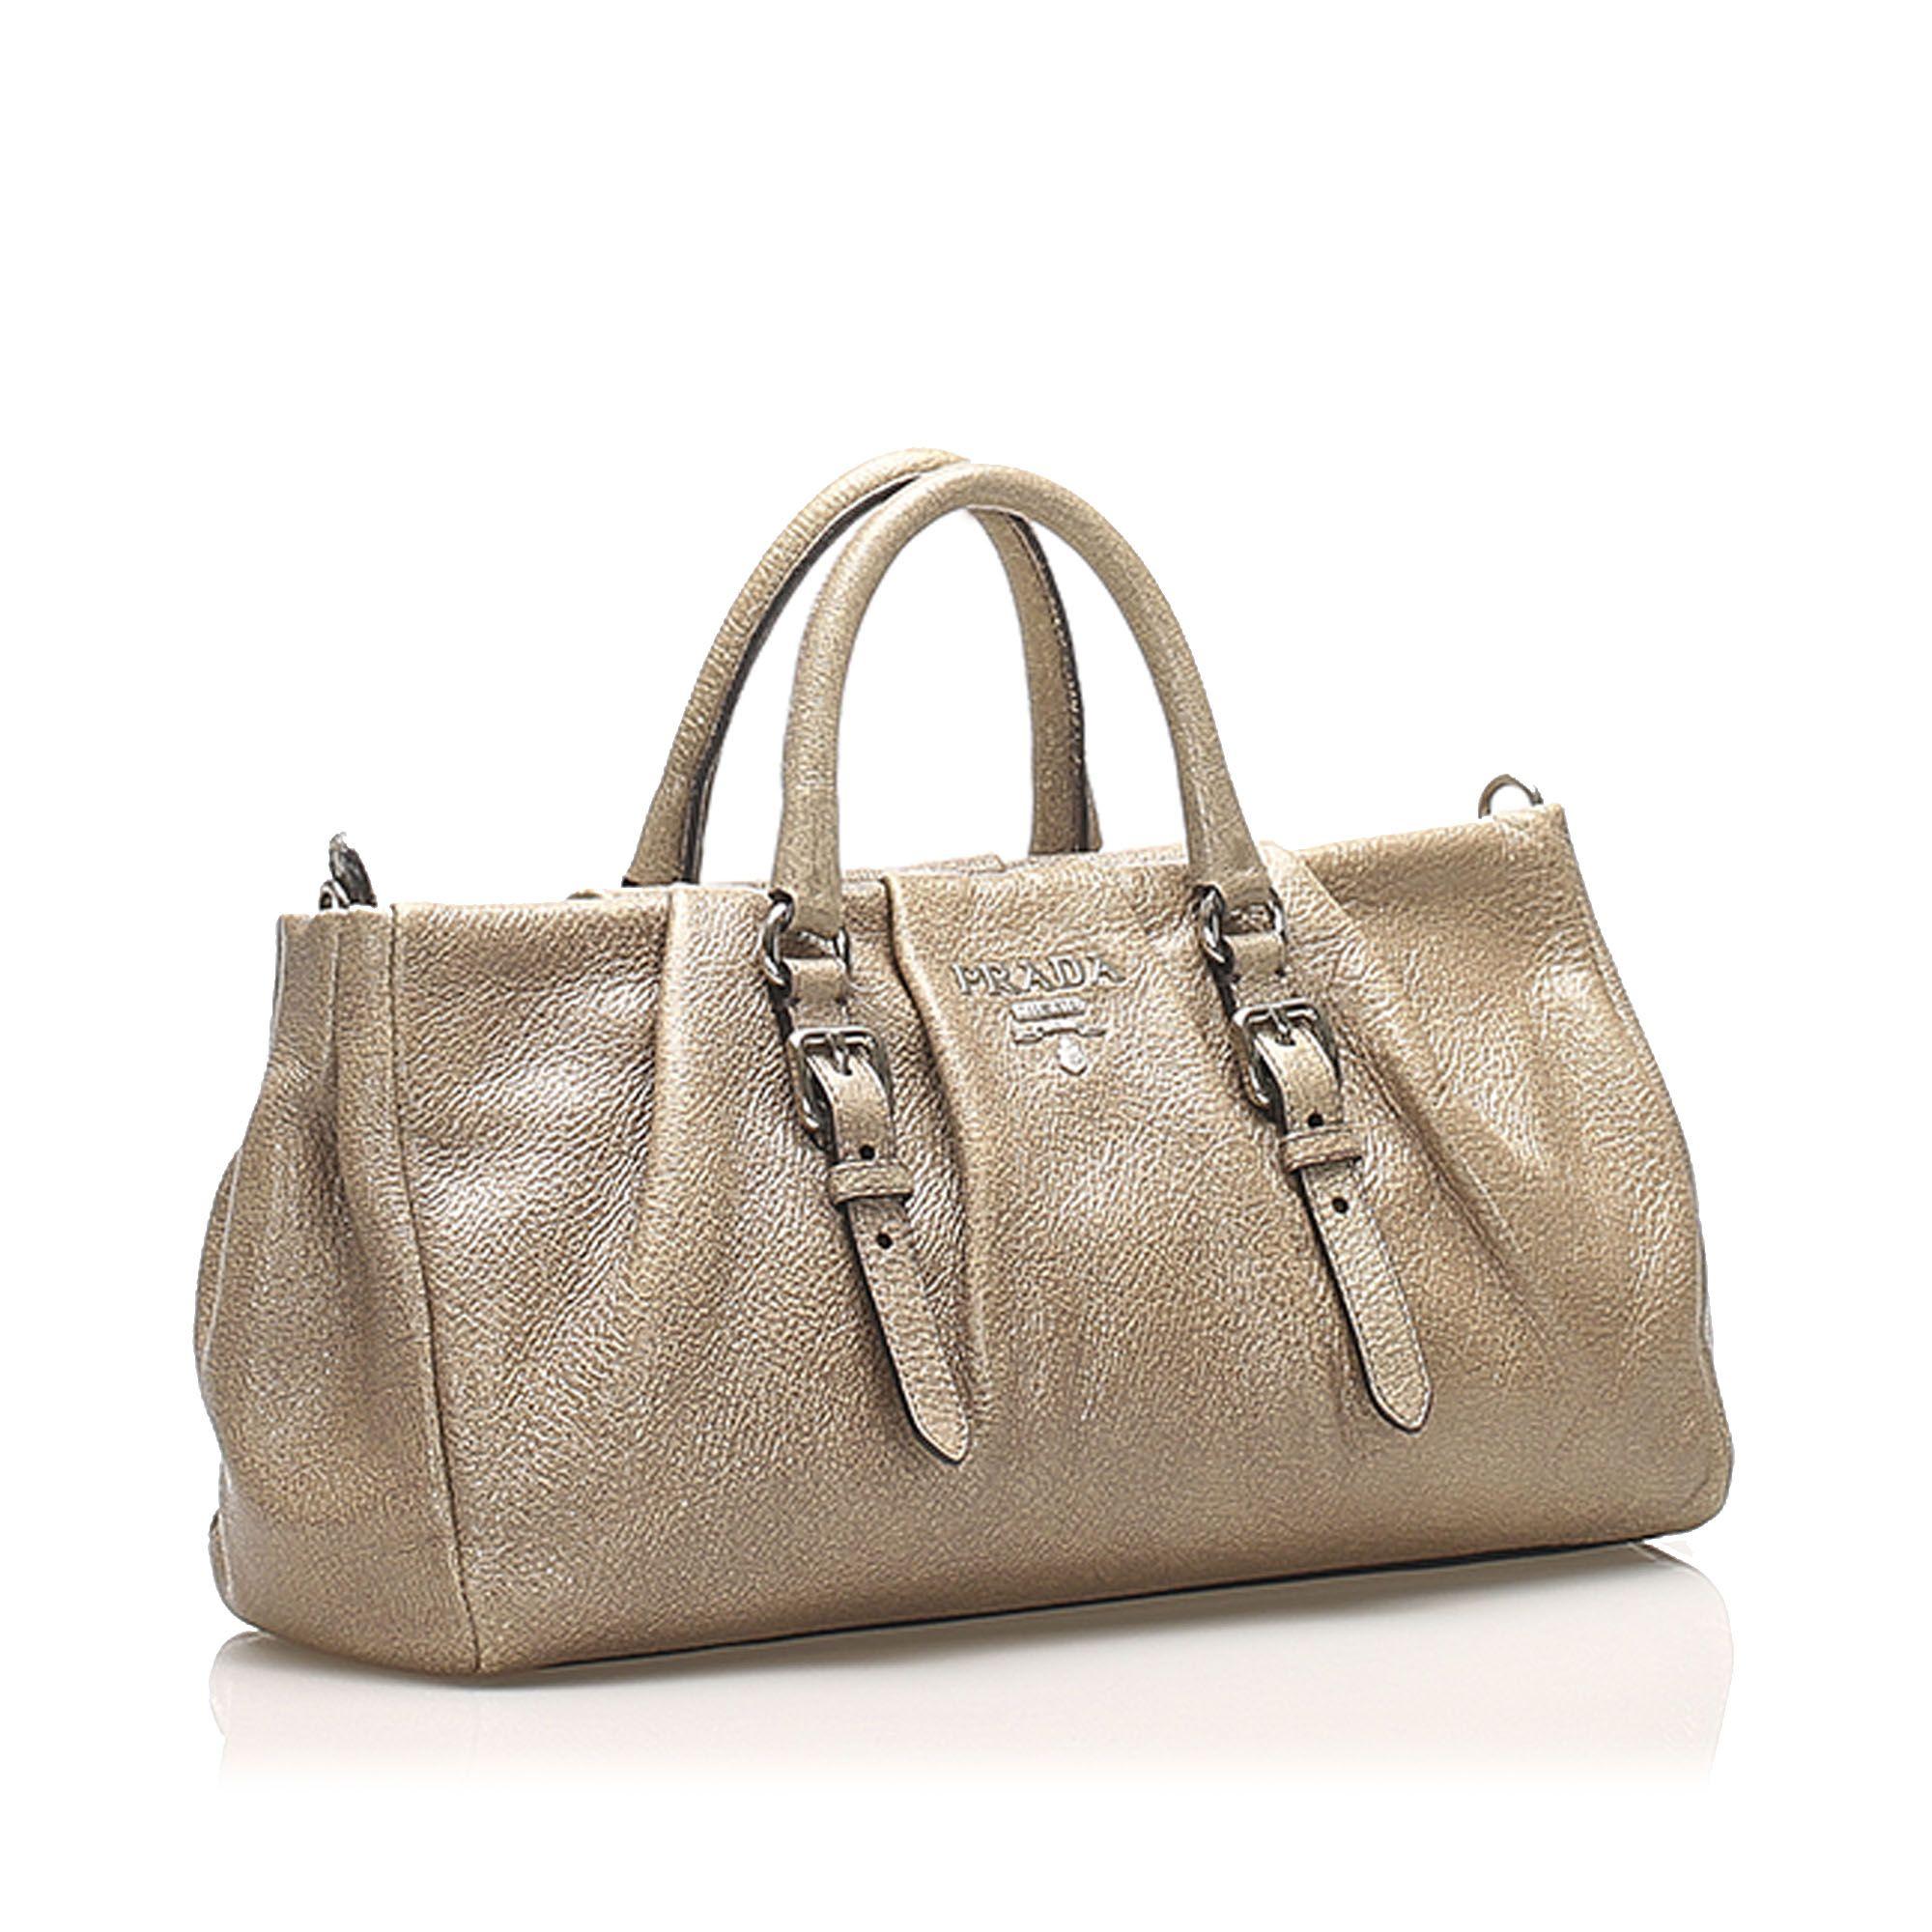 Vintage Prada Leather Satchel Brown